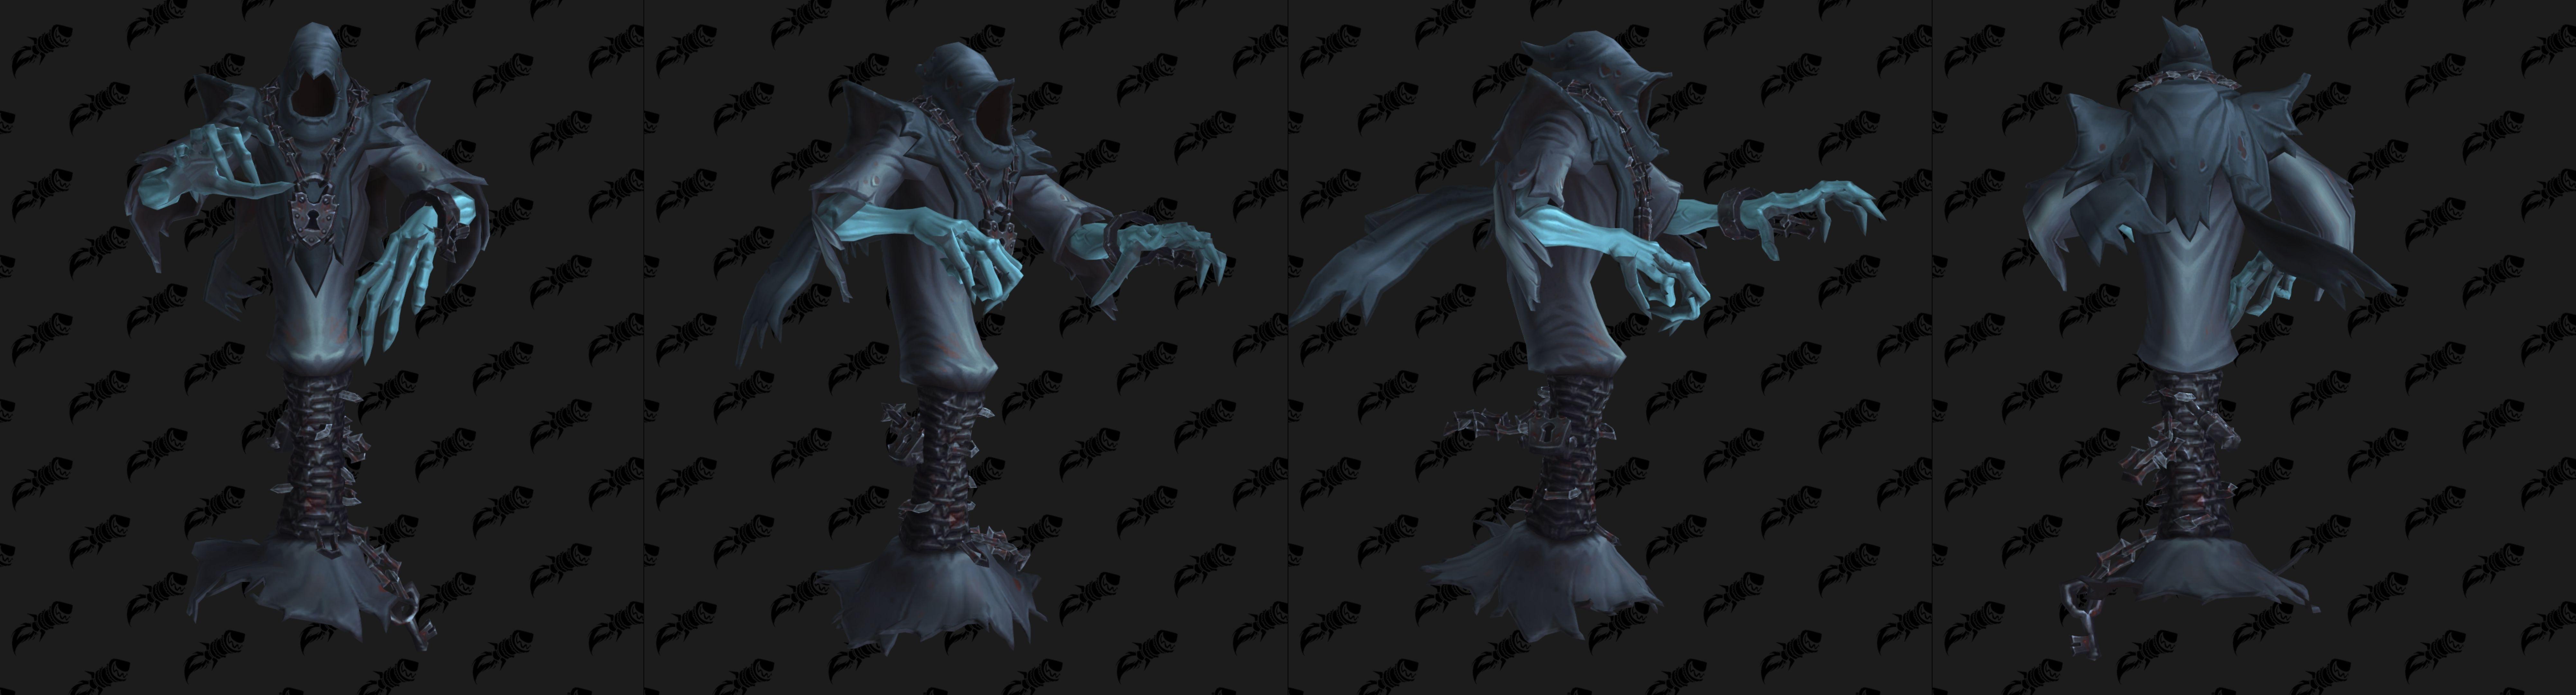 Nouveau modèle de fantôme (patch 8.1)